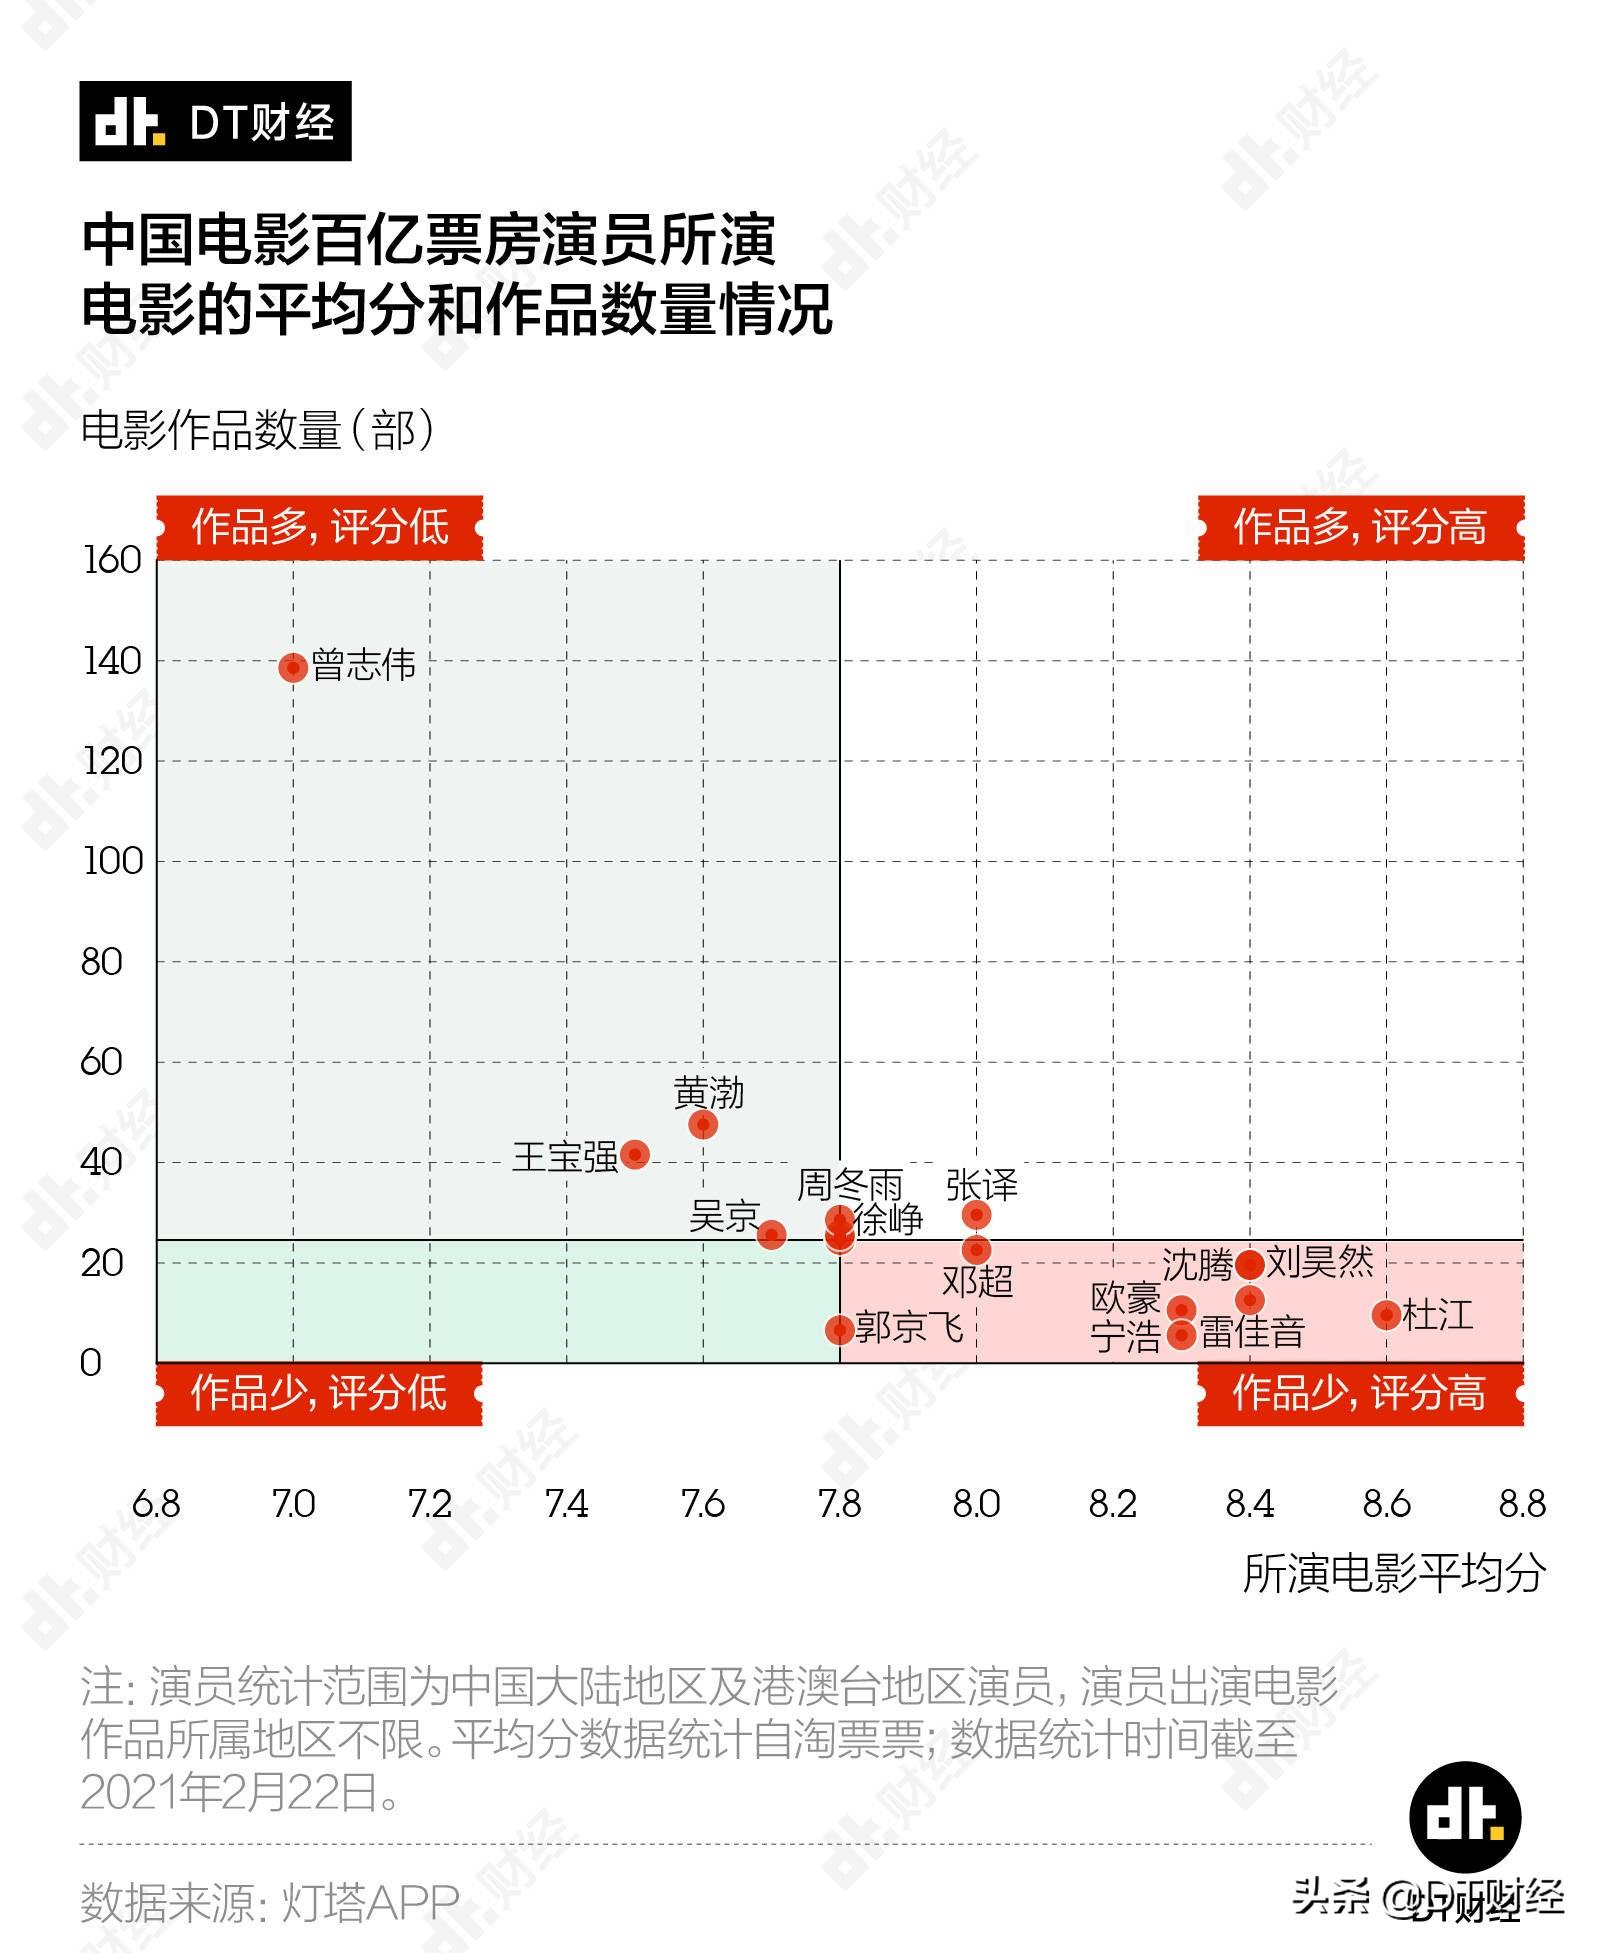 中国百亿票房演员榜:沈腾第1黄渤第2,前10谁最出乎你的意料